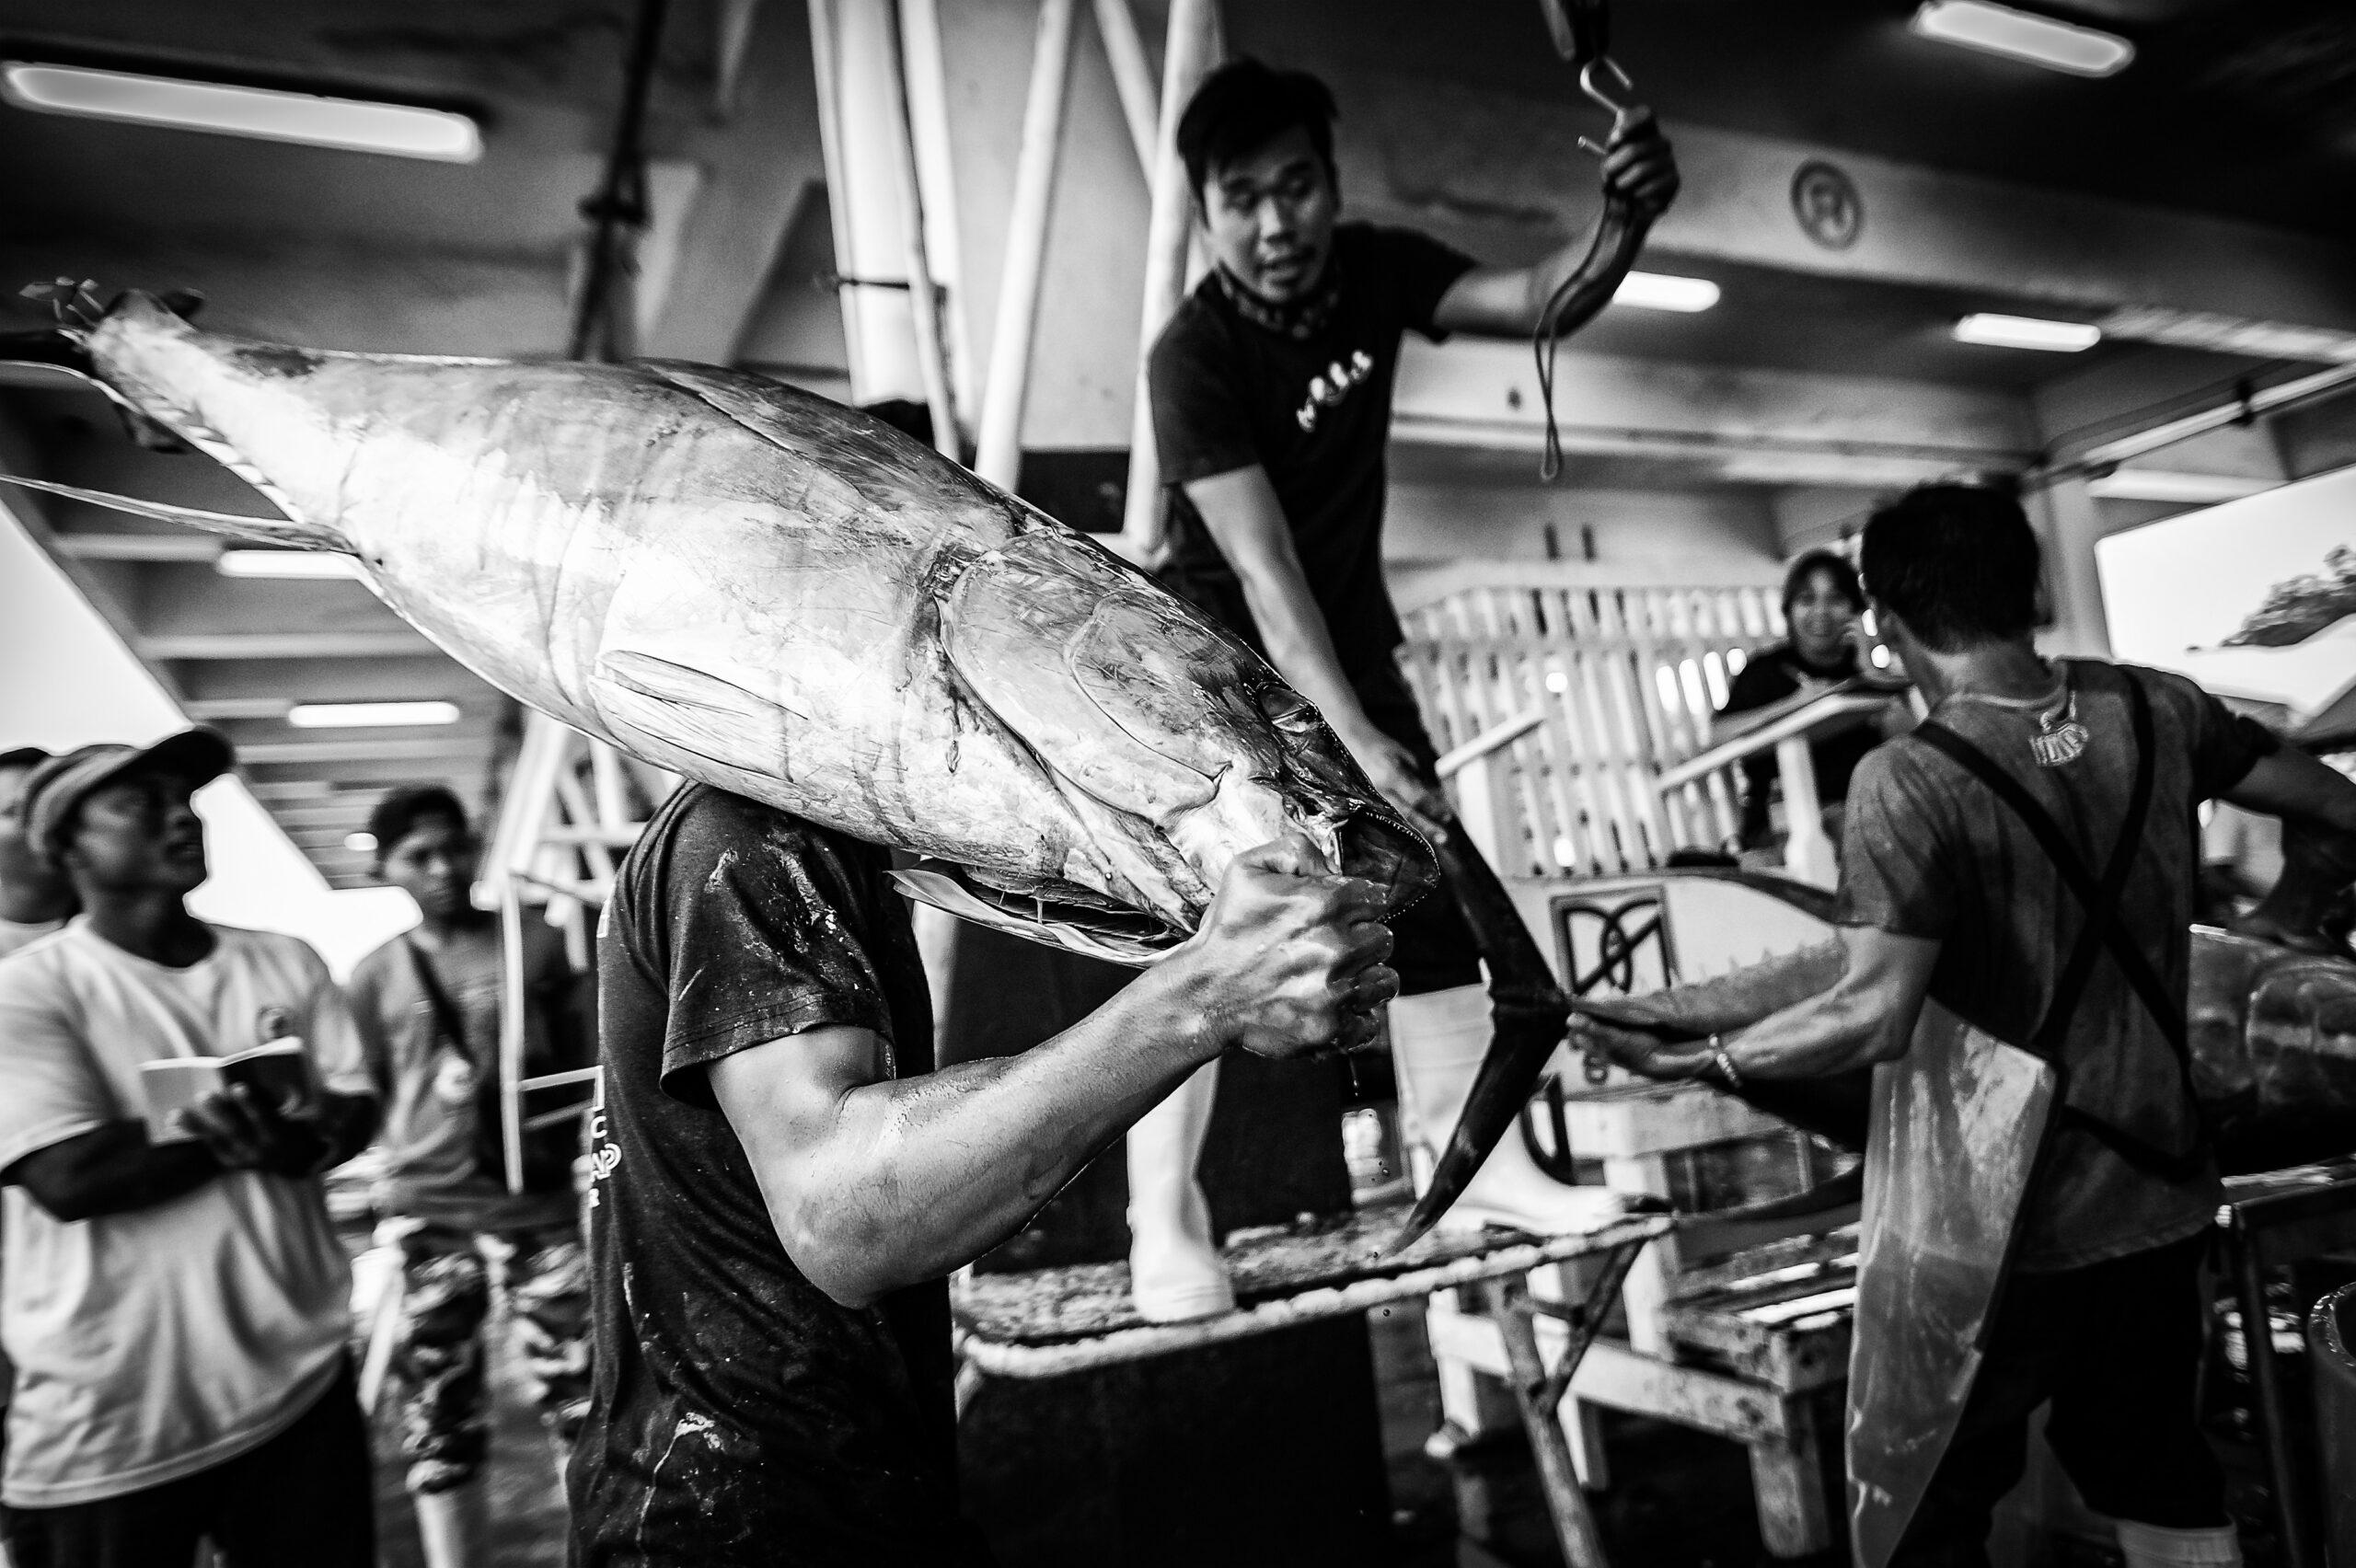 Primer Premio. Categoría: Mejor trabajo en el exterior (Serie). Un trabajador de una compañía atunera procede al pesado de una pieza de yellowfin en el puerto de General Santos, Filipinas. Un ejemplar de yellowfin puede llegar a pesar hasta 170 kilogramos. Nando Rivero